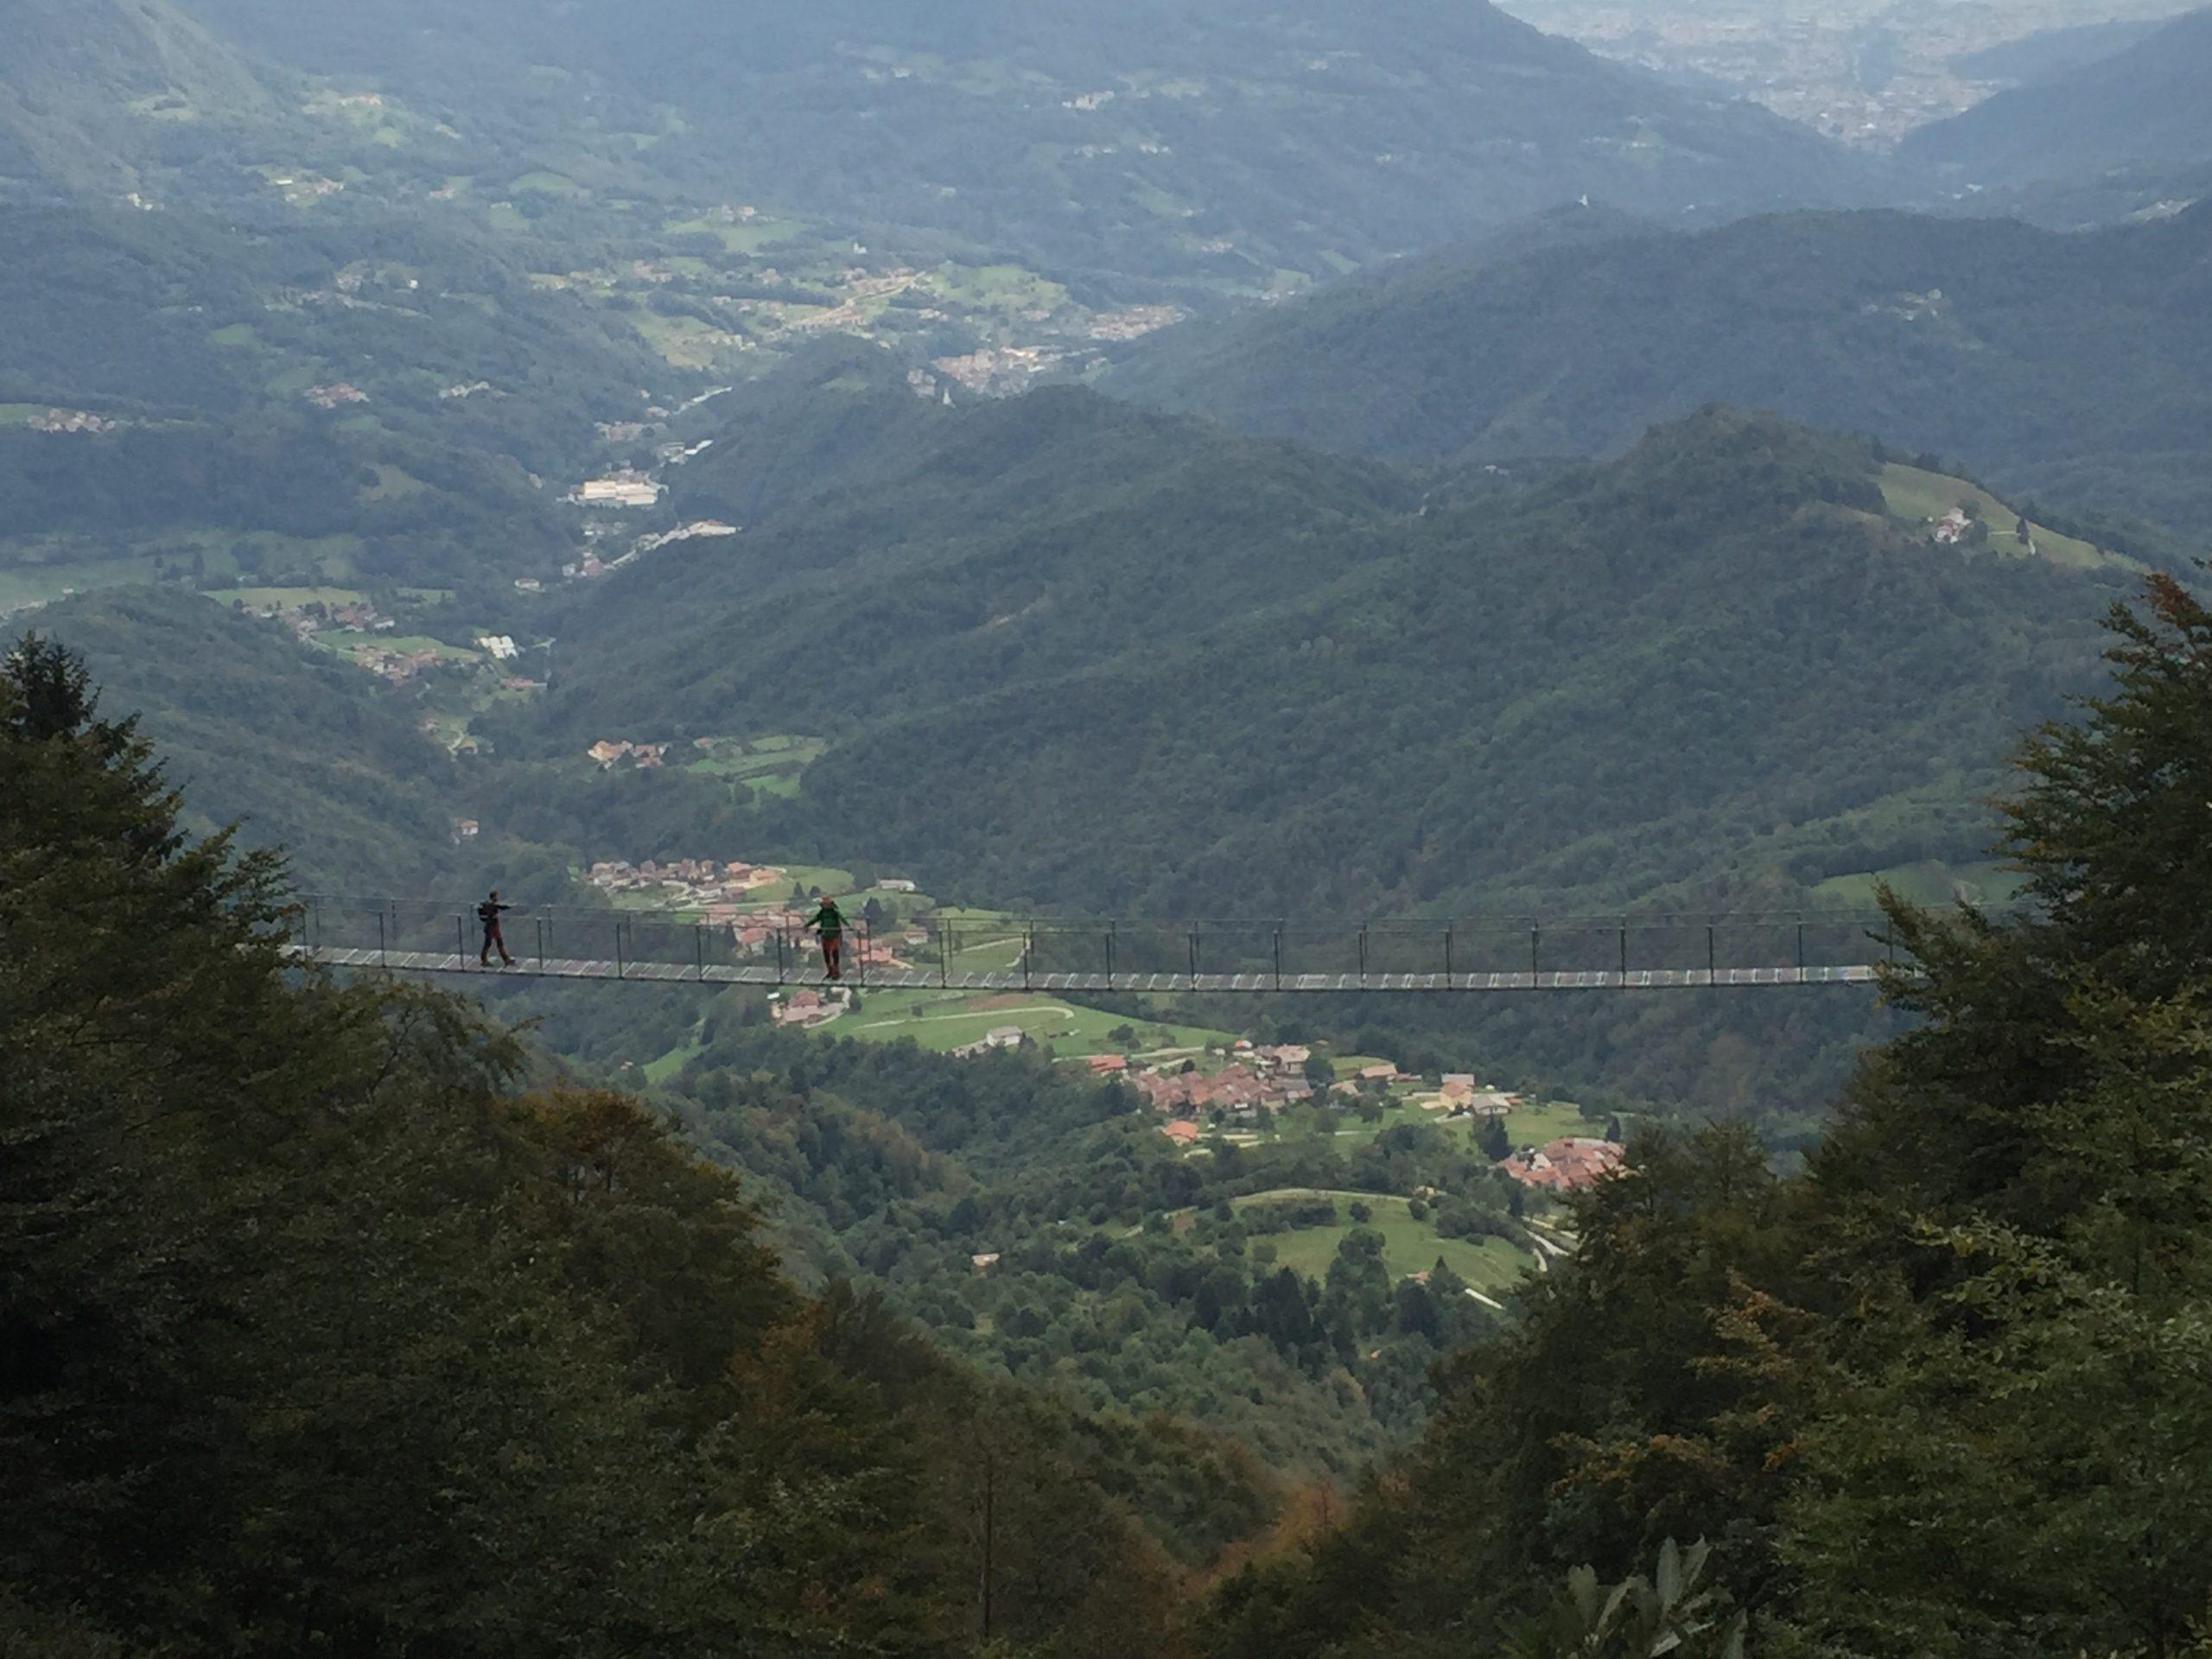 Ponte di corde avis valli del pasubio carlo costa archietto thiene (44)